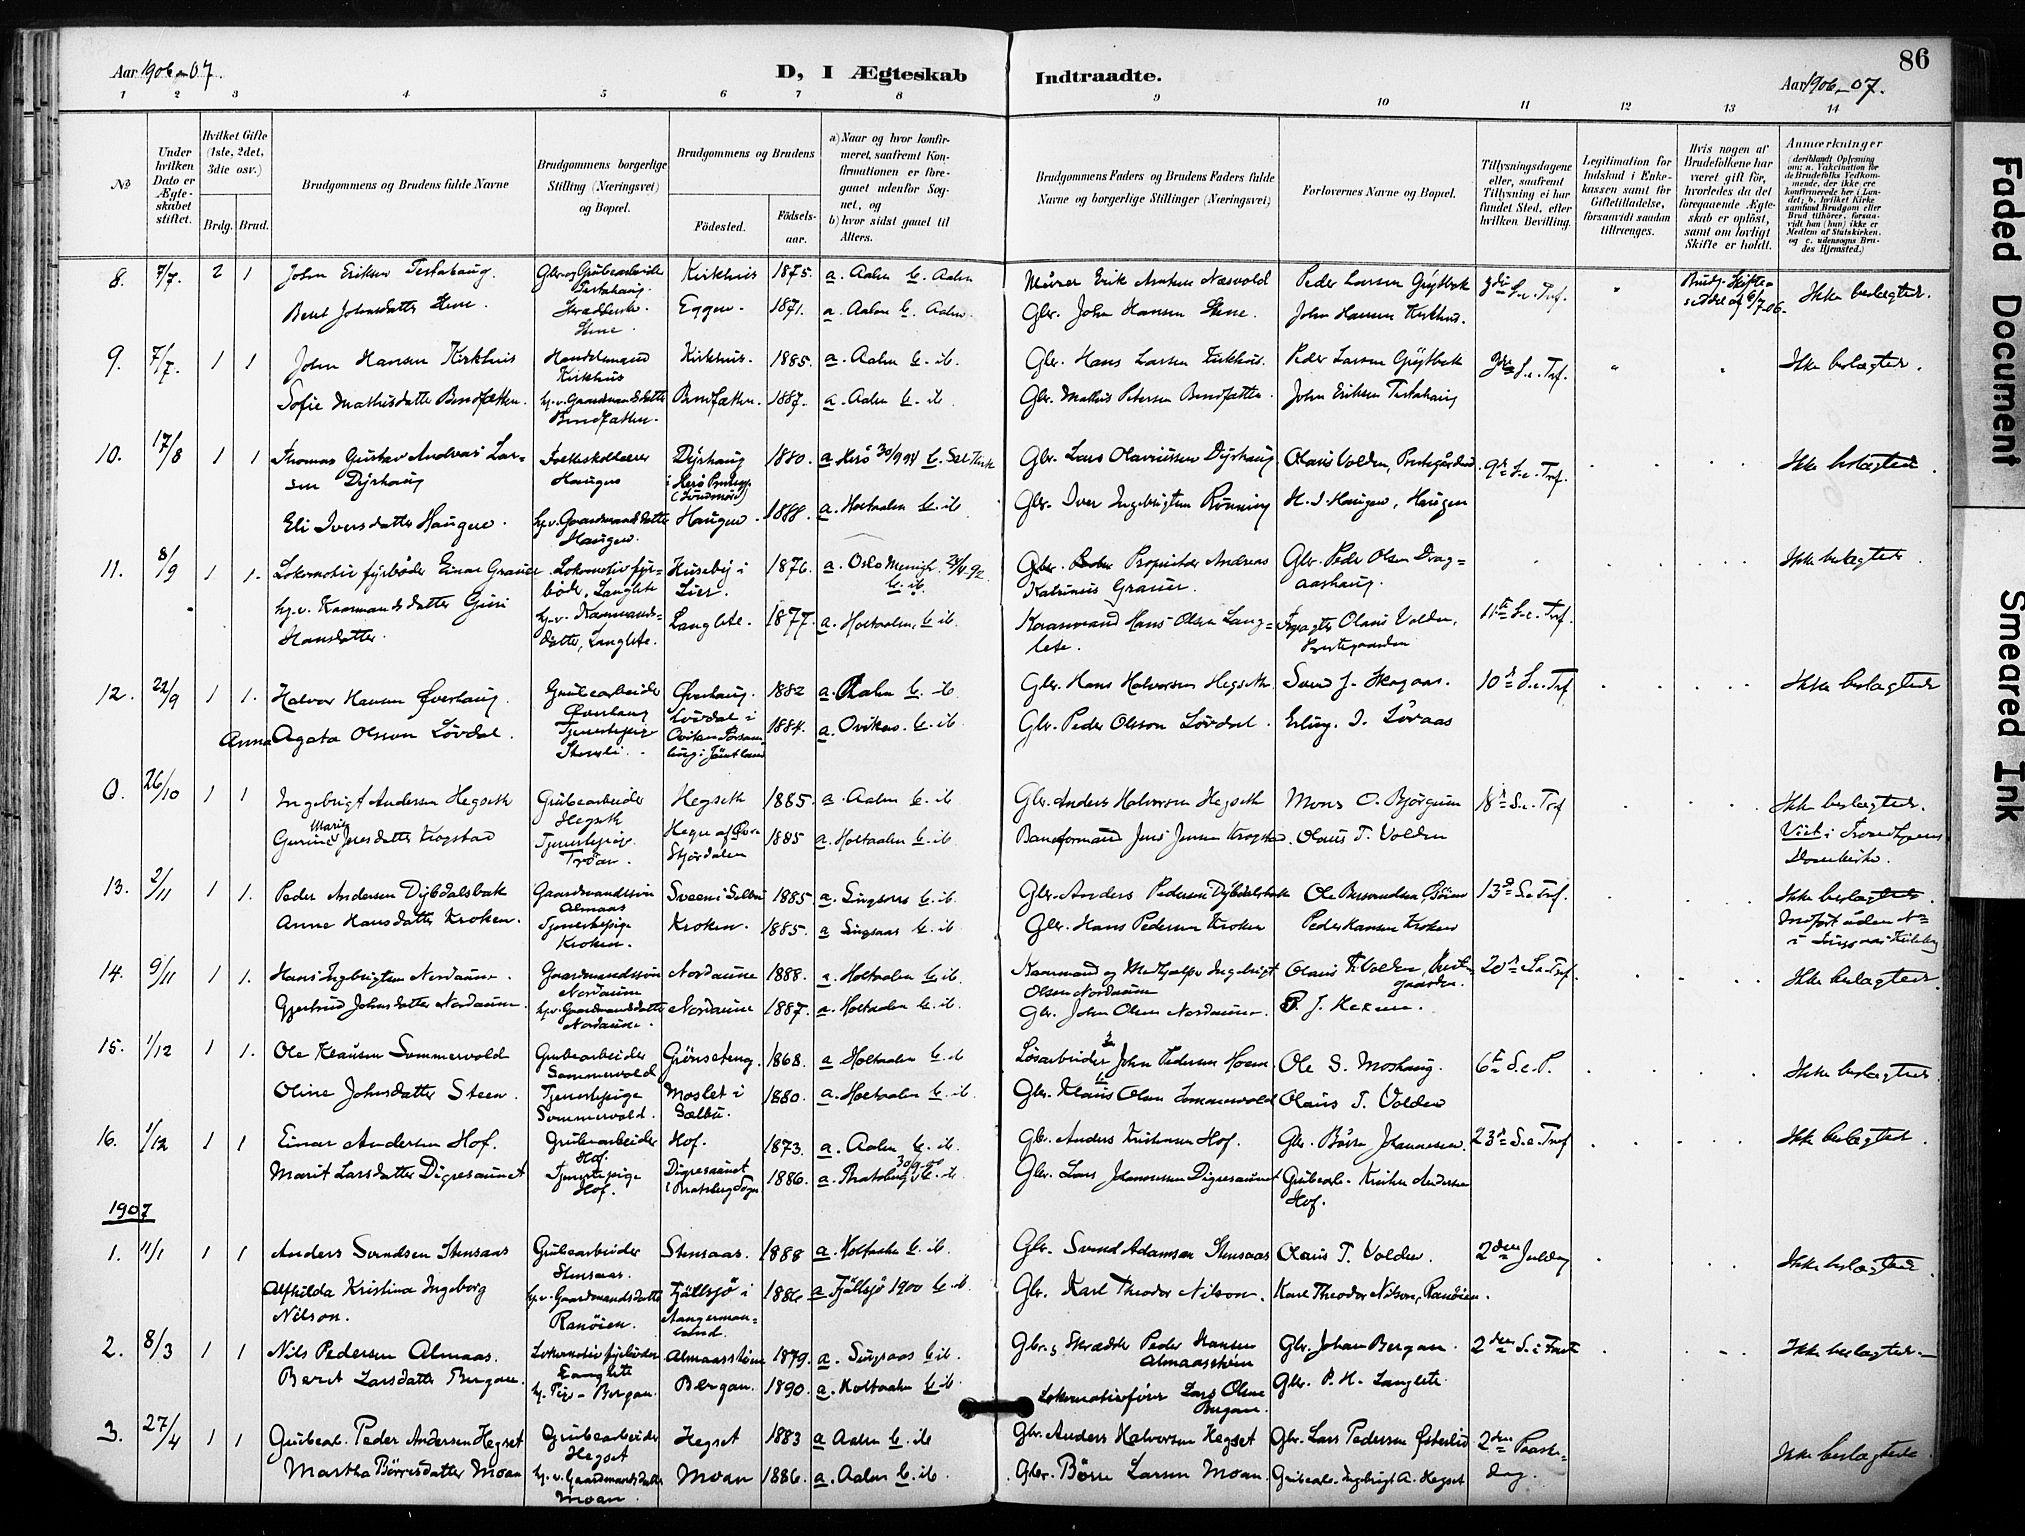 SAT, Ministerialprotokoller, klokkerbøker og fødselsregistre - Sør-Trøndelag, 685/L0973: Ministerialbok nr. 685A10, 1891-1907, s. 86